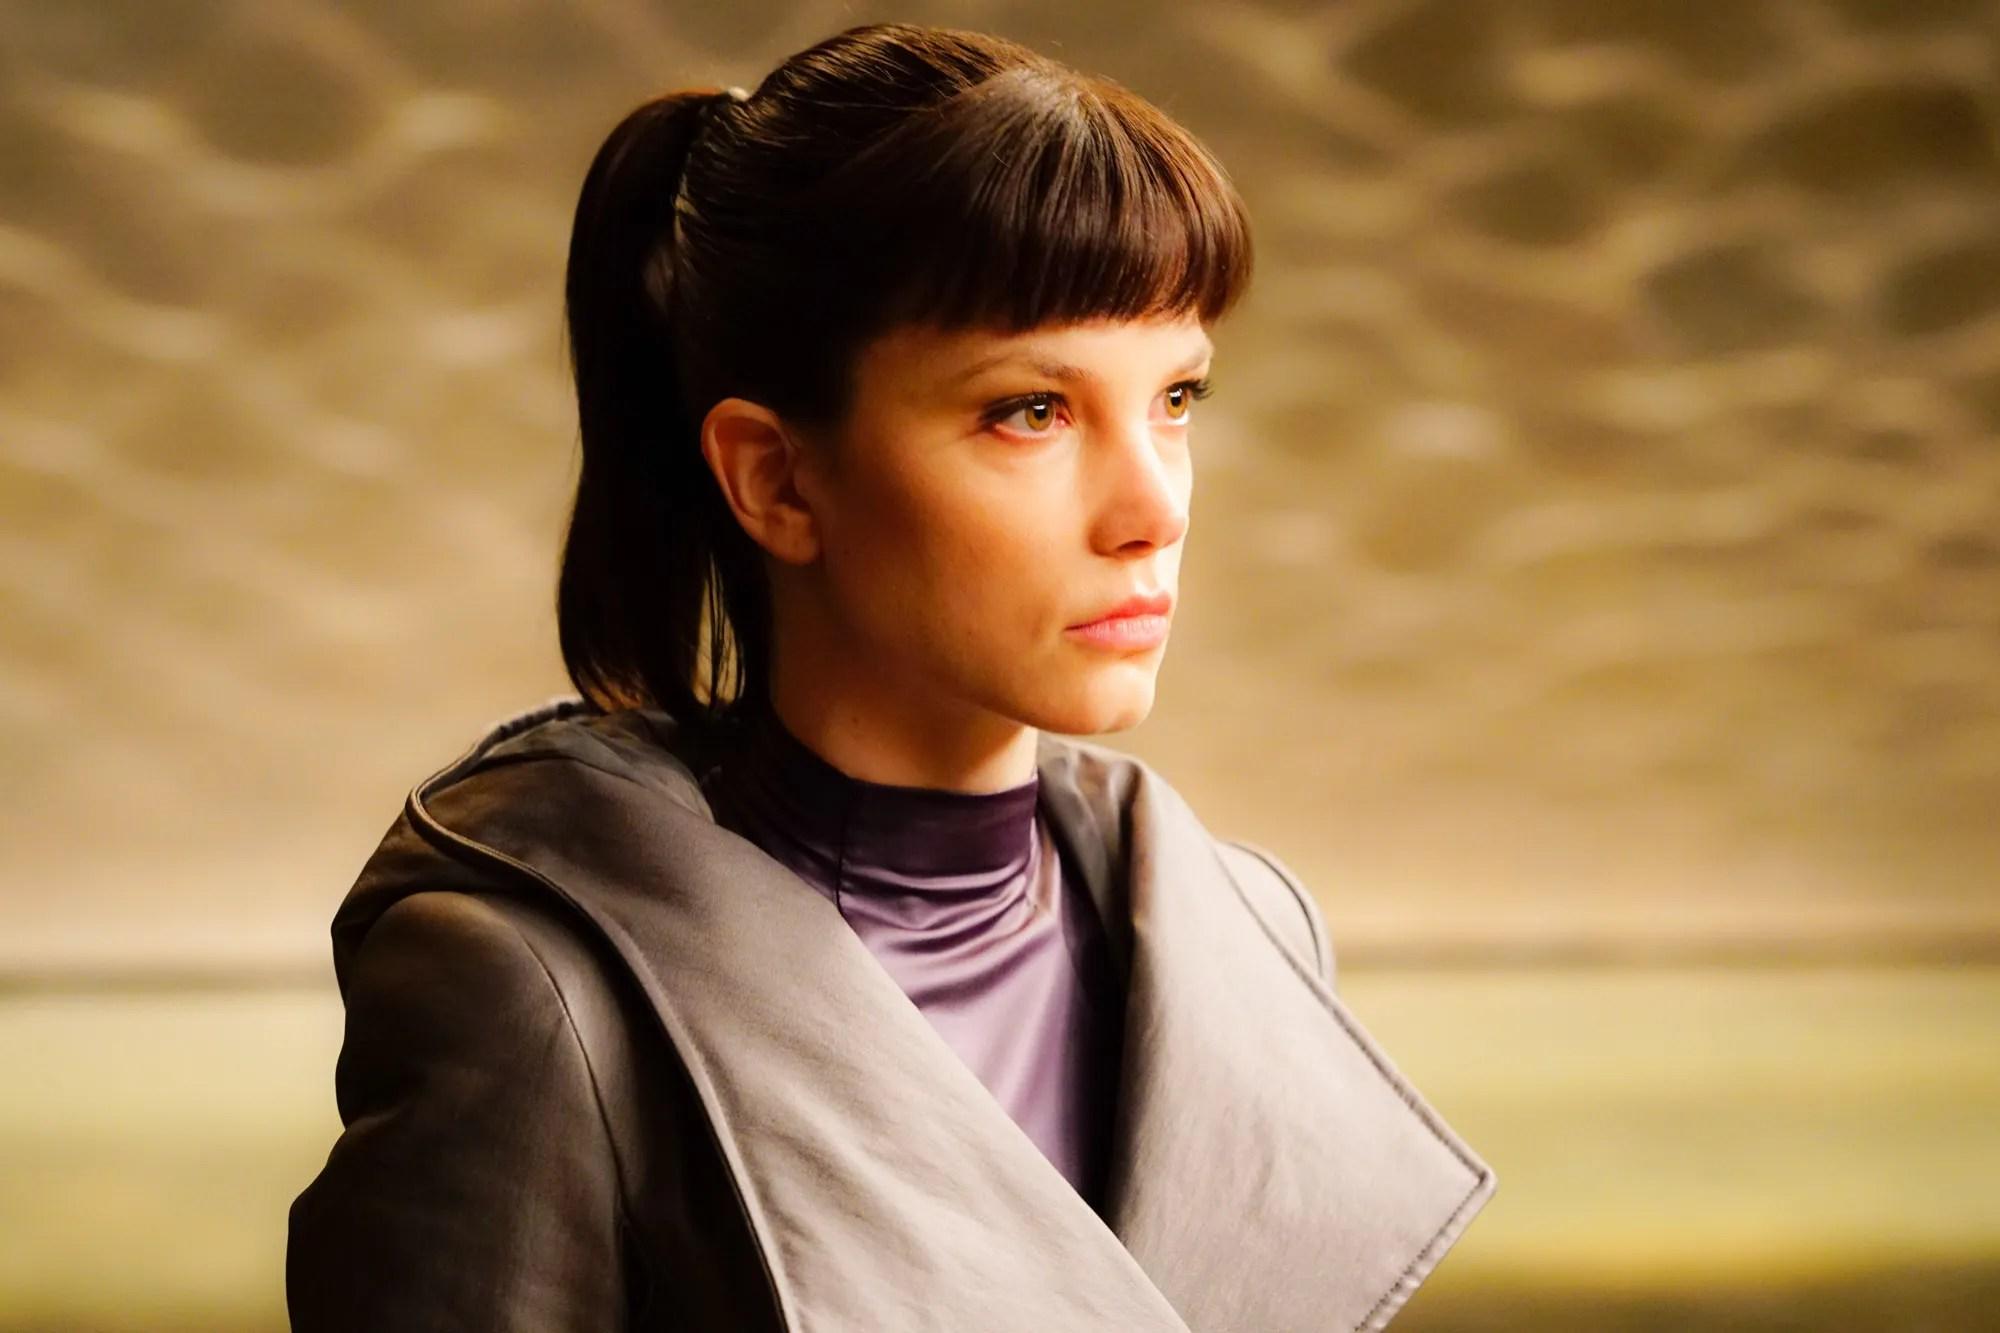 Blade Runner 2049 Hologram Girl Wallpaper Blade Runner 2049 Sylvia Hoeks Ana De Armas And